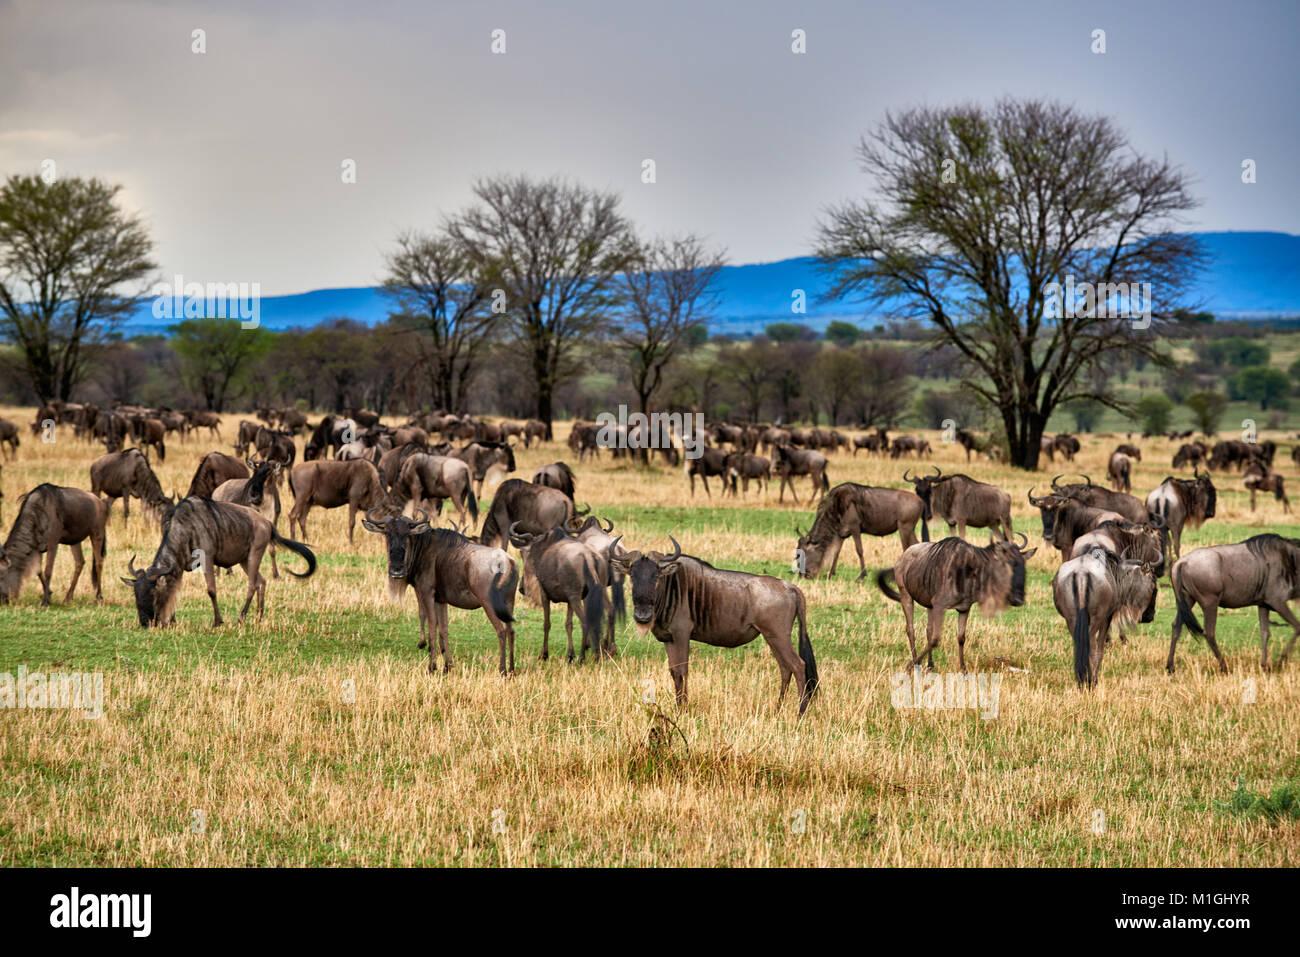 Landschaft im Serengeti National Park mit blauen wilderbeests, Weltkulturerbe der UNESCO, Tansania, Afrika Stockfoto